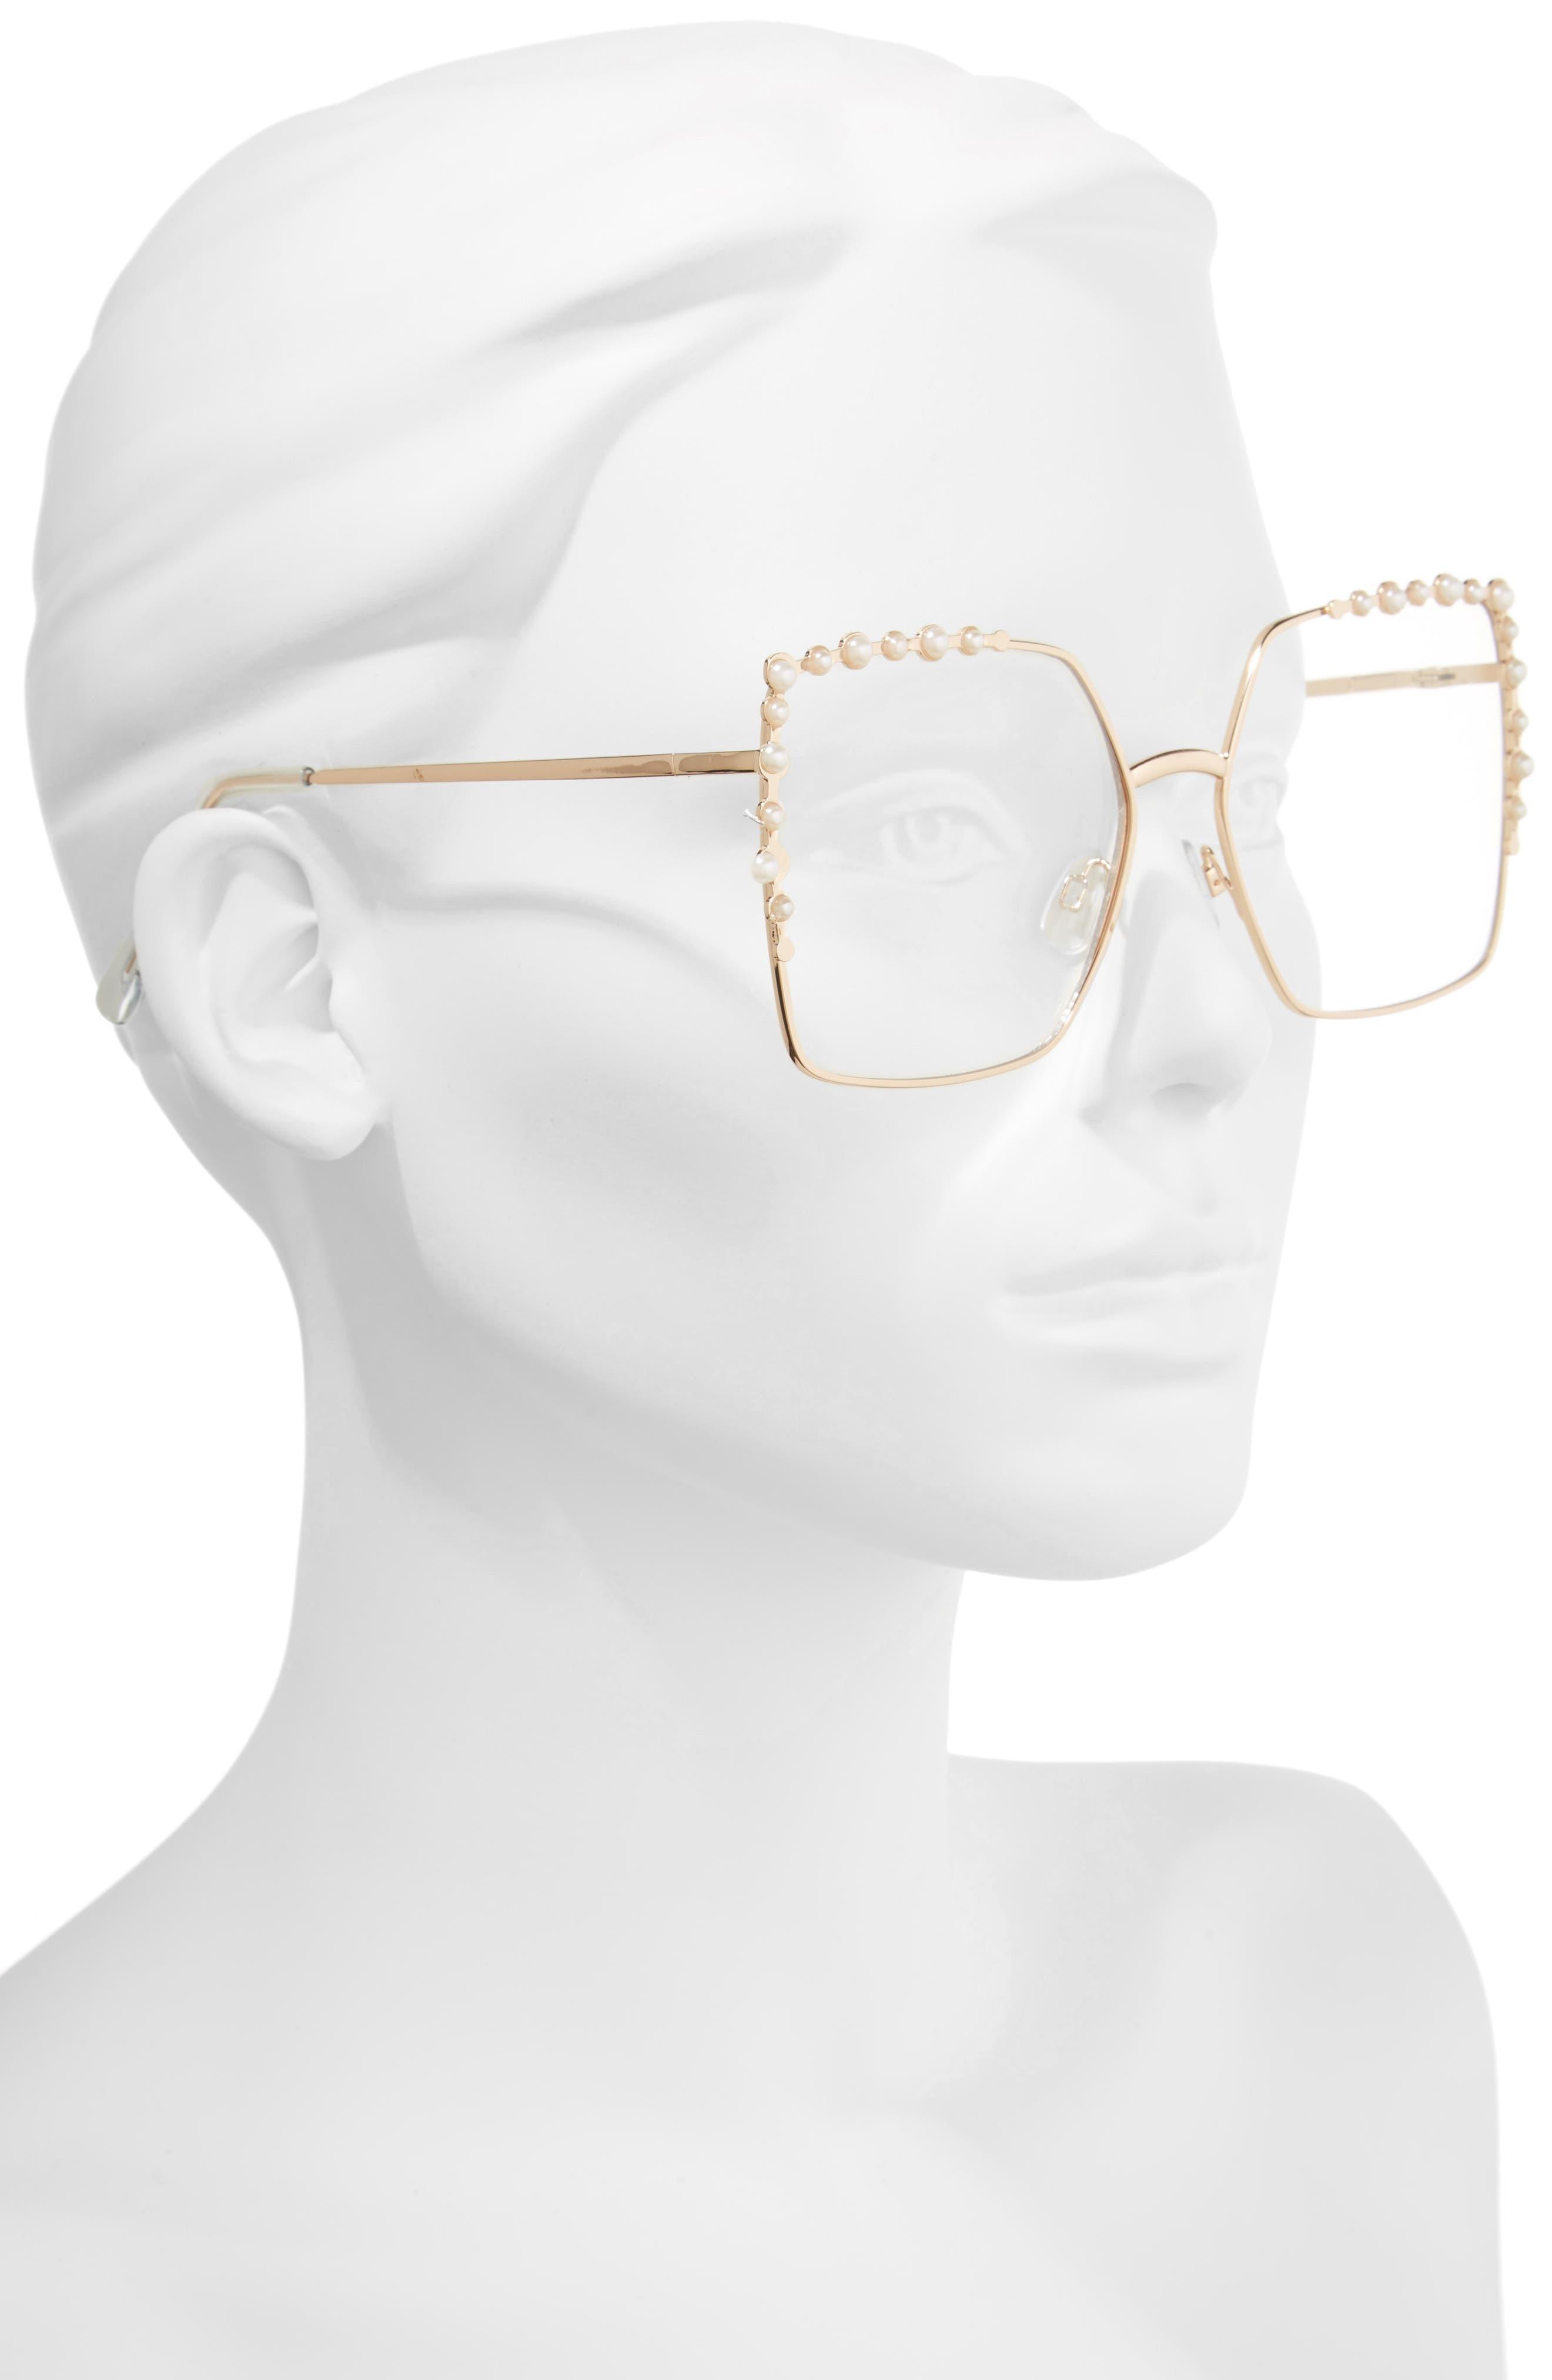 63mm Imitation Pearl Square Fashion Glasses,                             Alternate thumbnail 2, color,